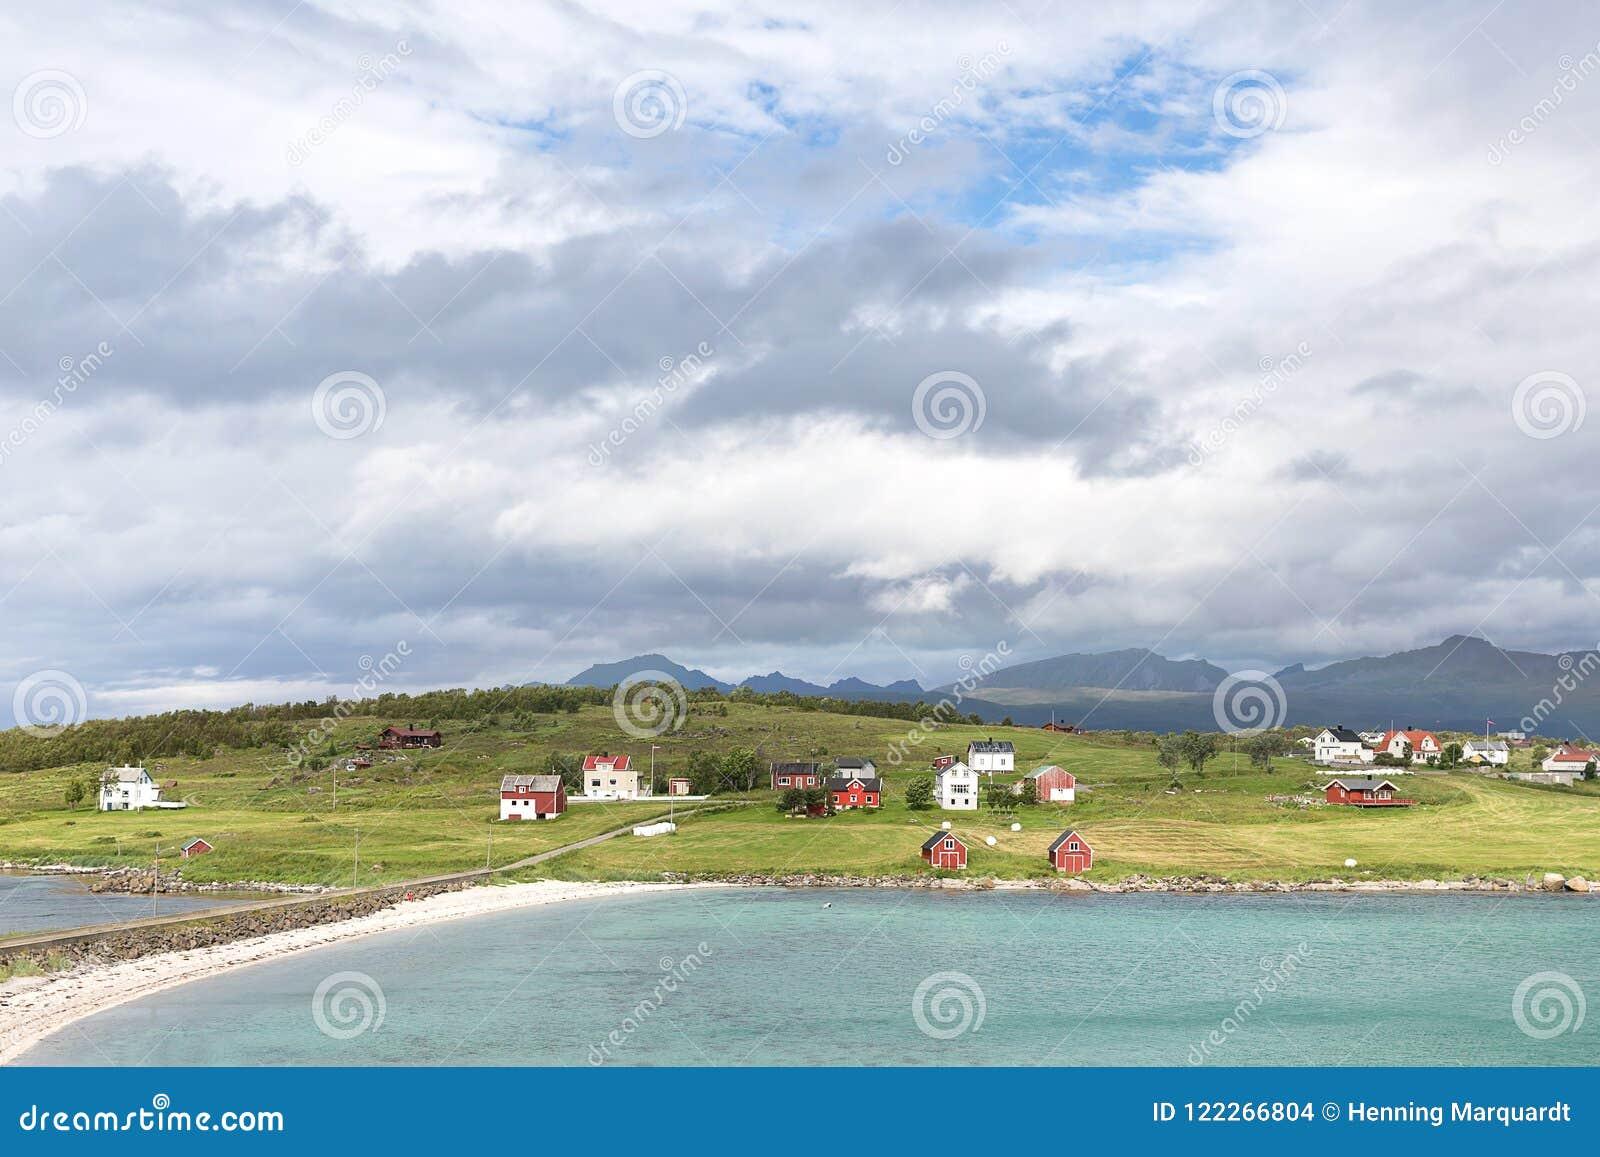 Άποψη πέρα από ένα νορβηγικό φιορδ σε ένα νησί με την αλιεία των καλυβών και του ρ